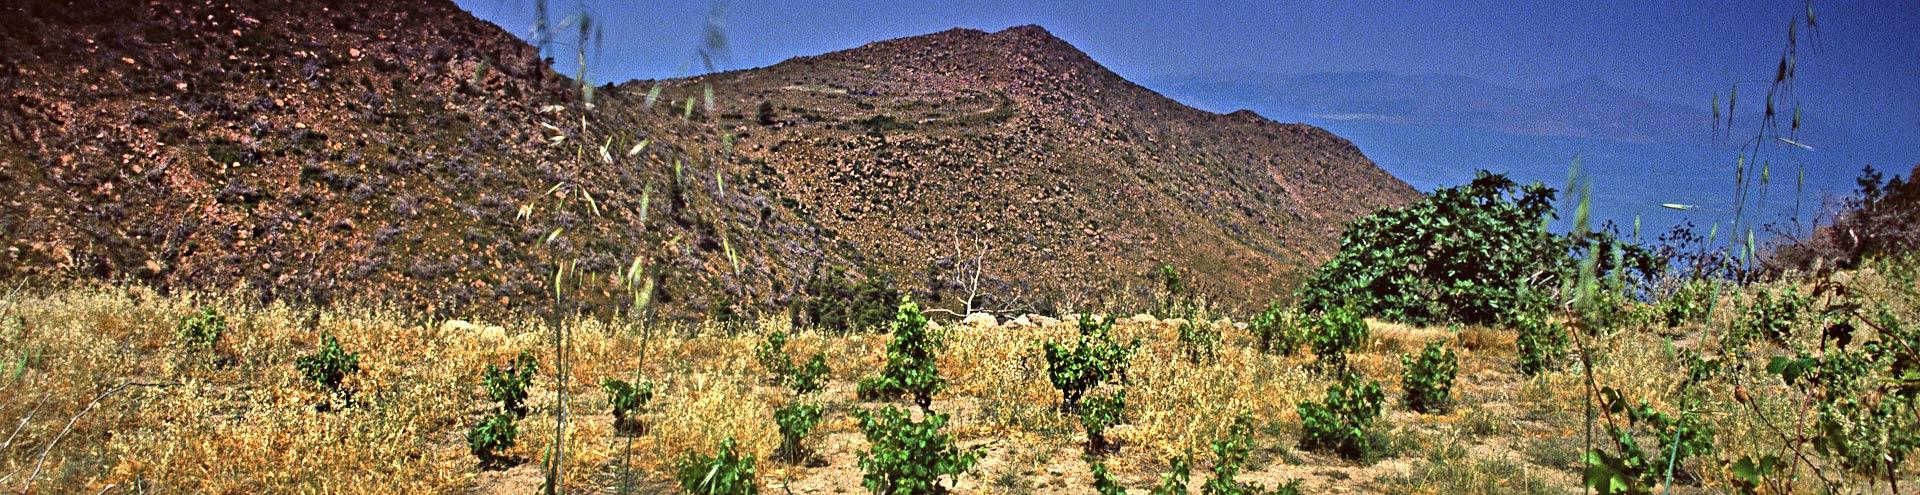 Το ηφαίστειο Χούντα Κοκκινή